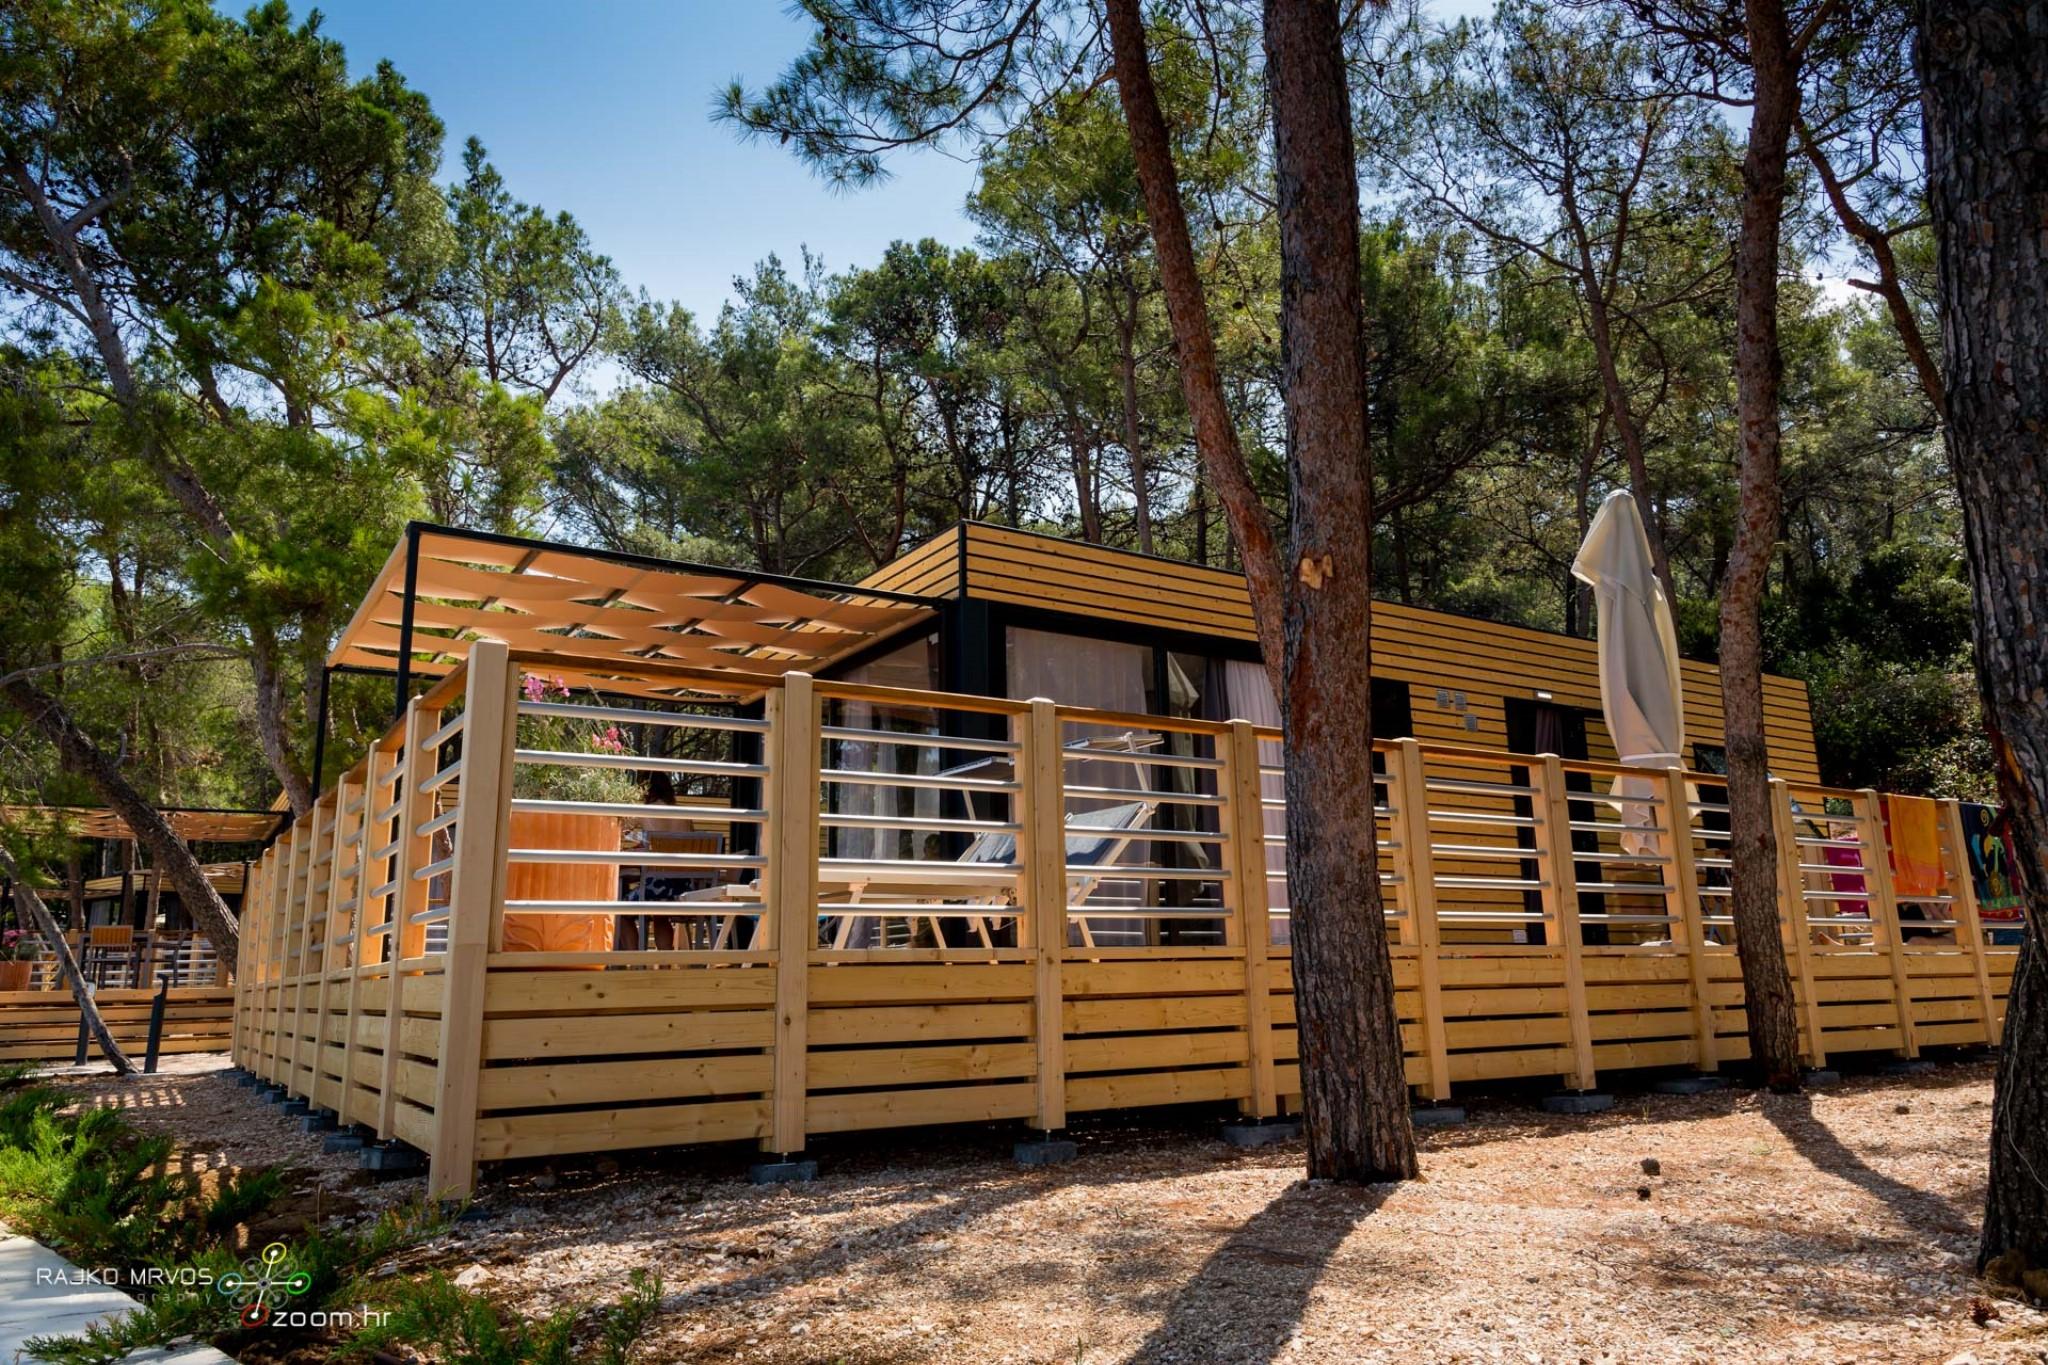 fotografiranje-interijera-fotograf-eksterijera-kampova-bungalova-kamp-satori-mobilne-kucice-33